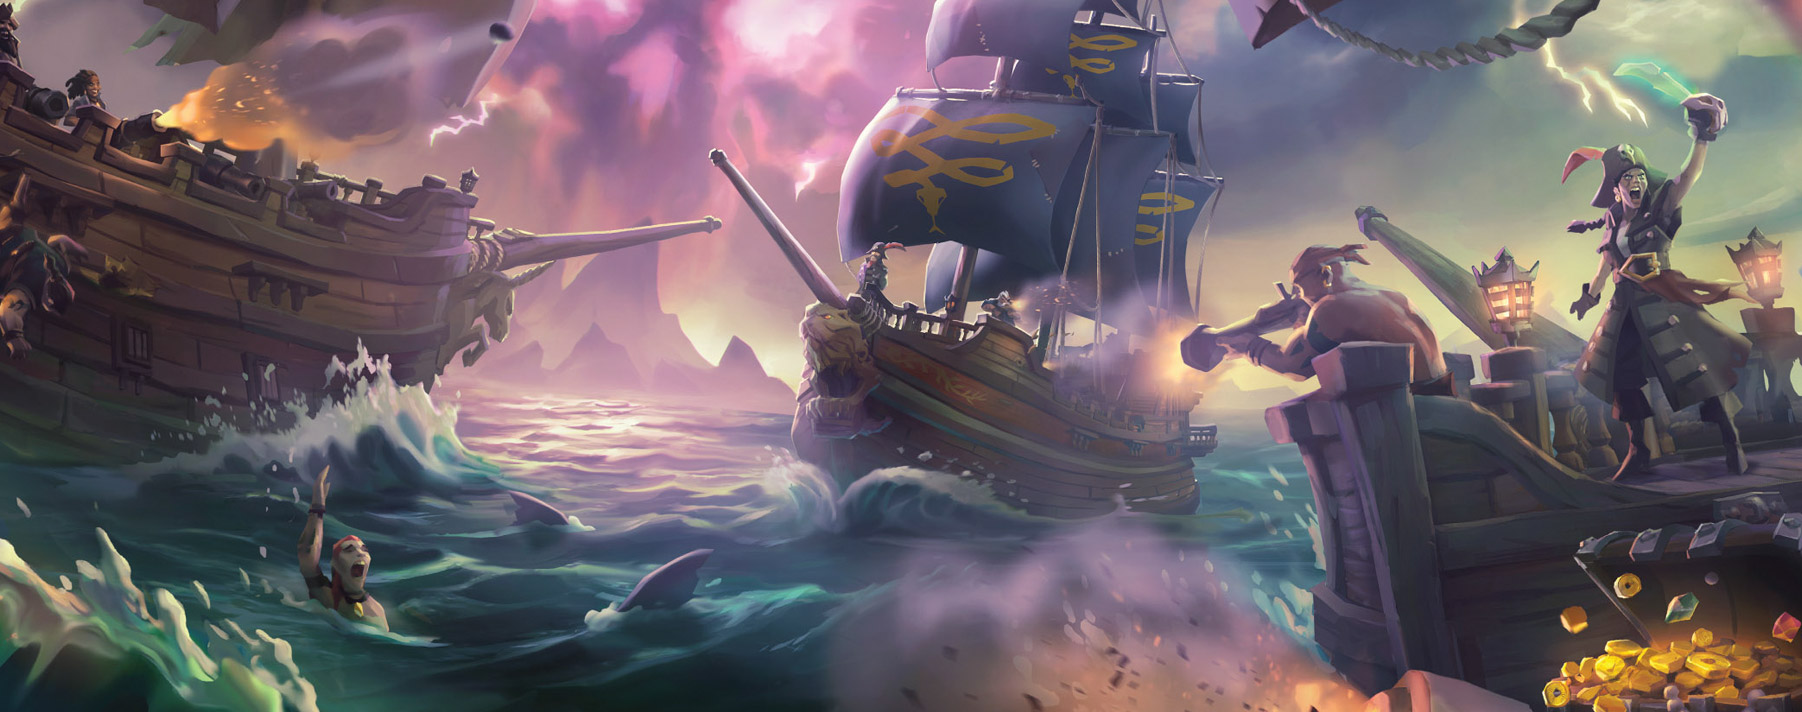 Sea of Thieves. En este juego te convertirás en un verdadero pirata junto con una comunidad en línea que busca lo mismo que tú.